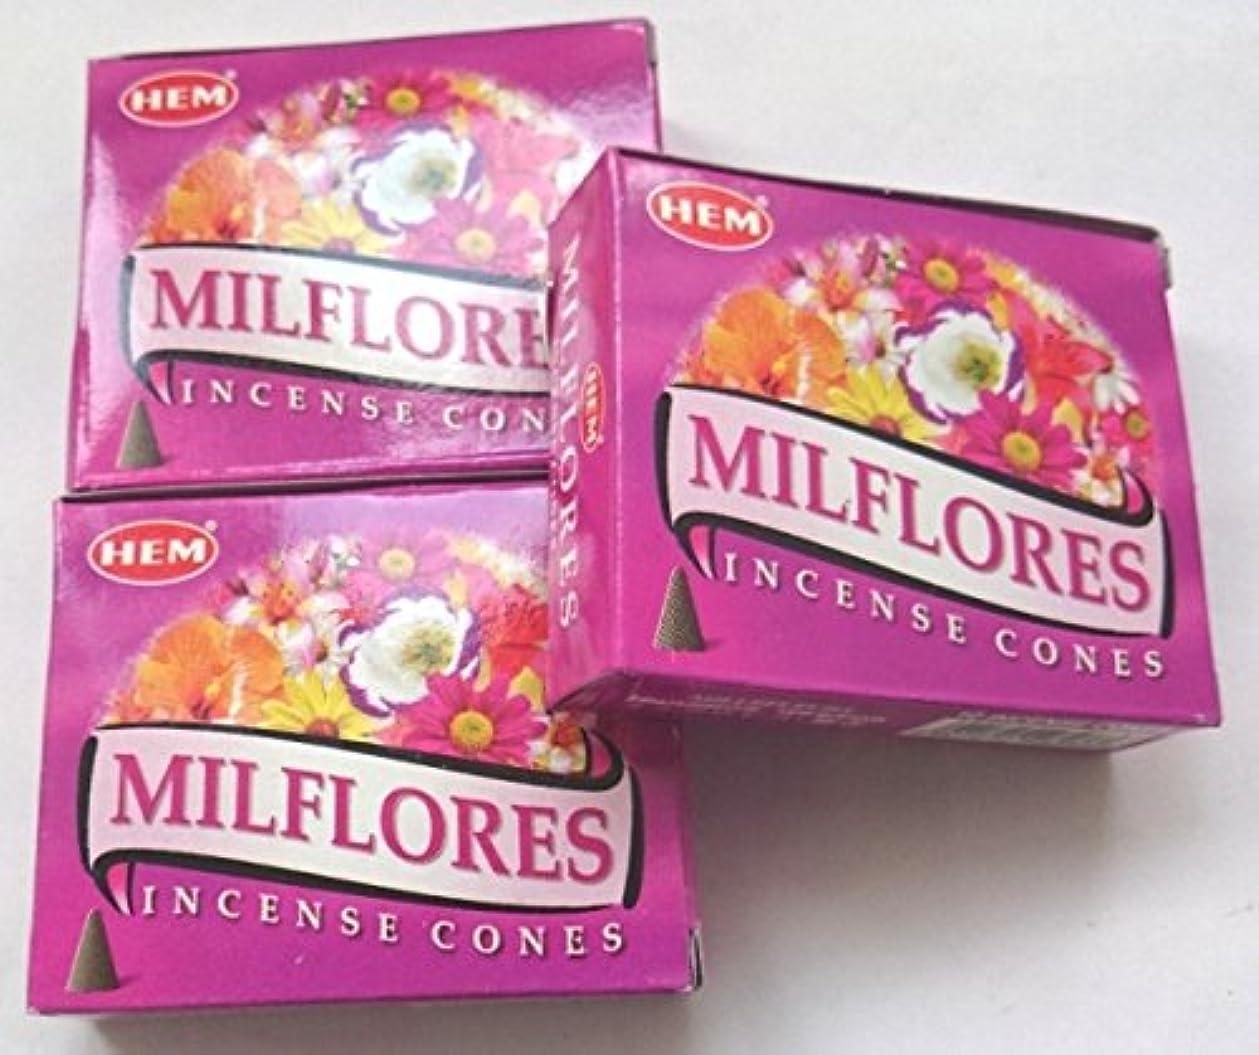 取り出すマニュアルドアミラーHEM(ヘム)お香 ミルフローレス コーン 3個セット